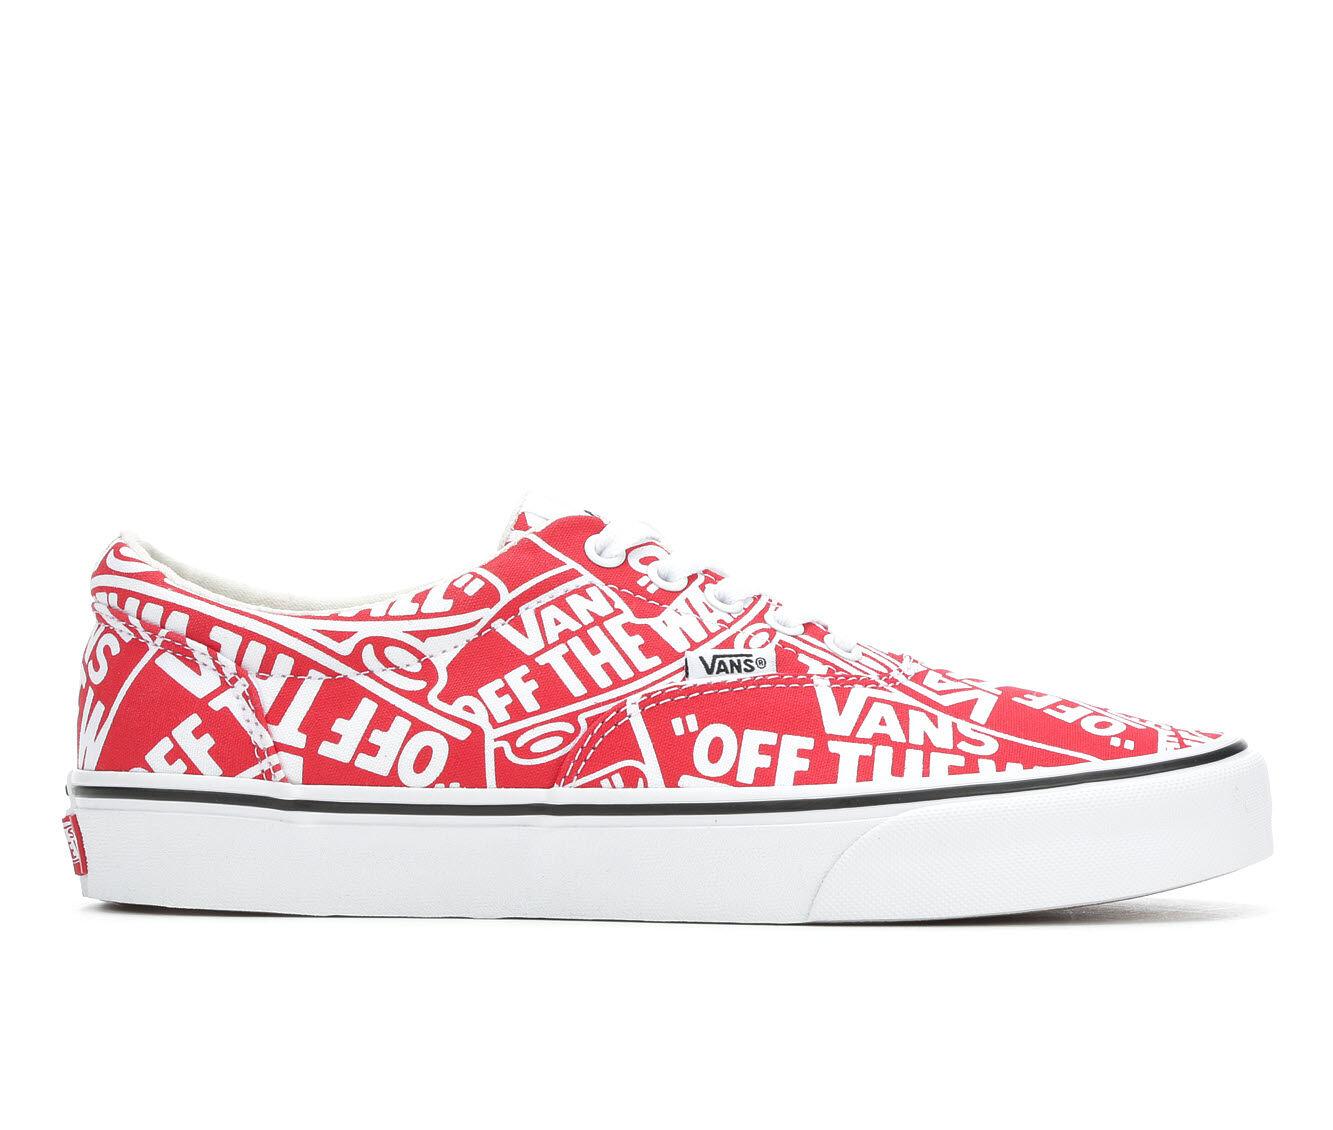 Men's Vans Doheny Skate Shoes Red/White OTW